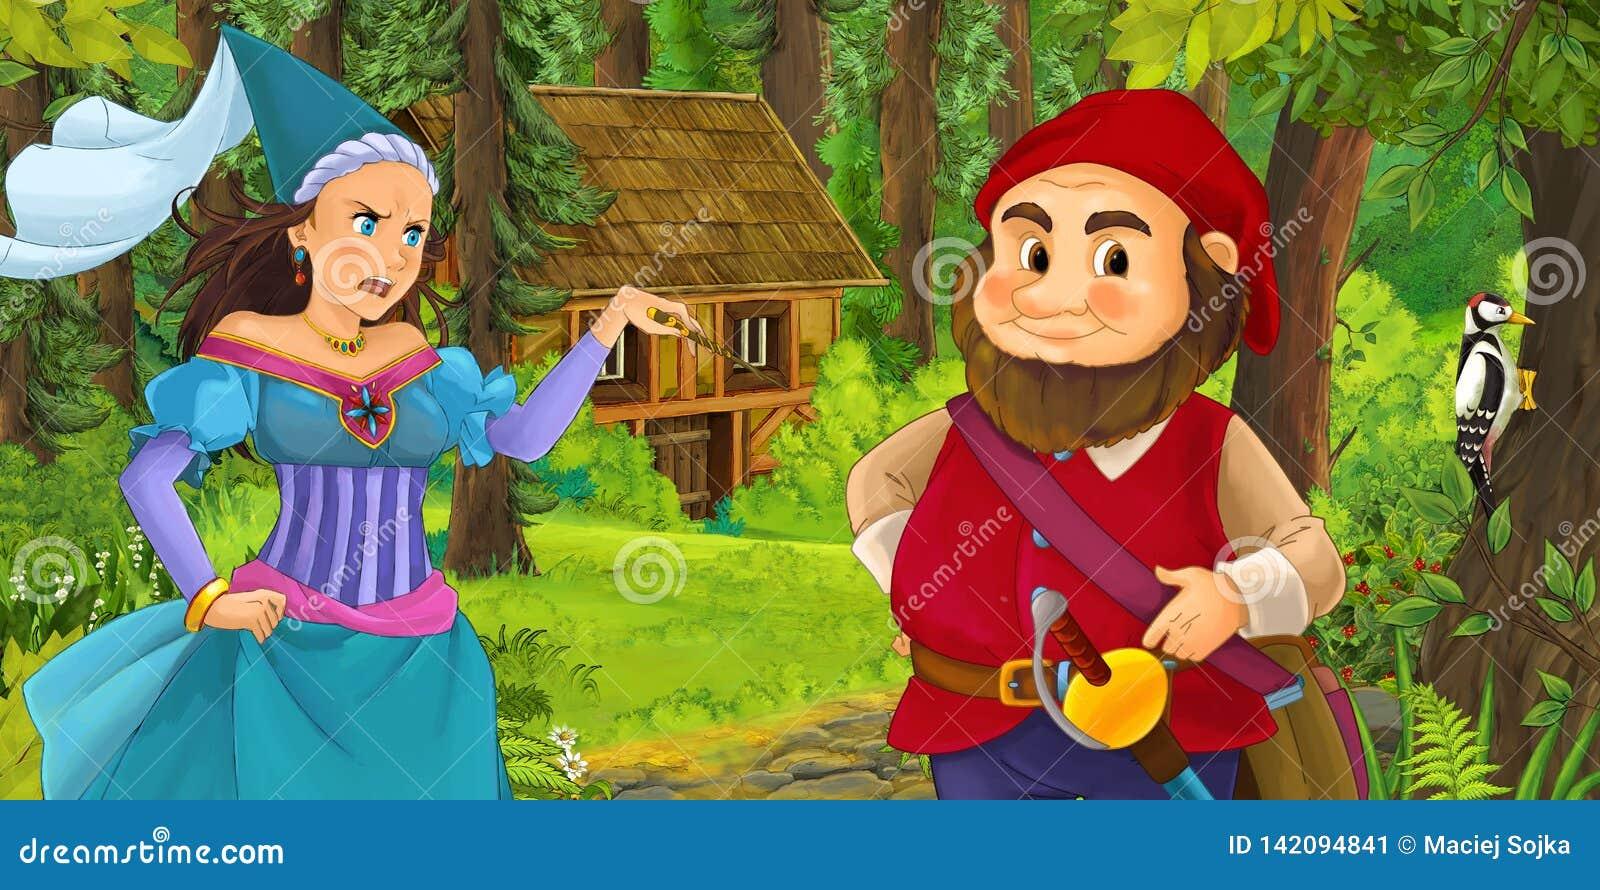 Beeldverhaalscène met jonge dwergprins die en prinsestovenares en verborgen blokhuis in het bos reizen ontmoeten